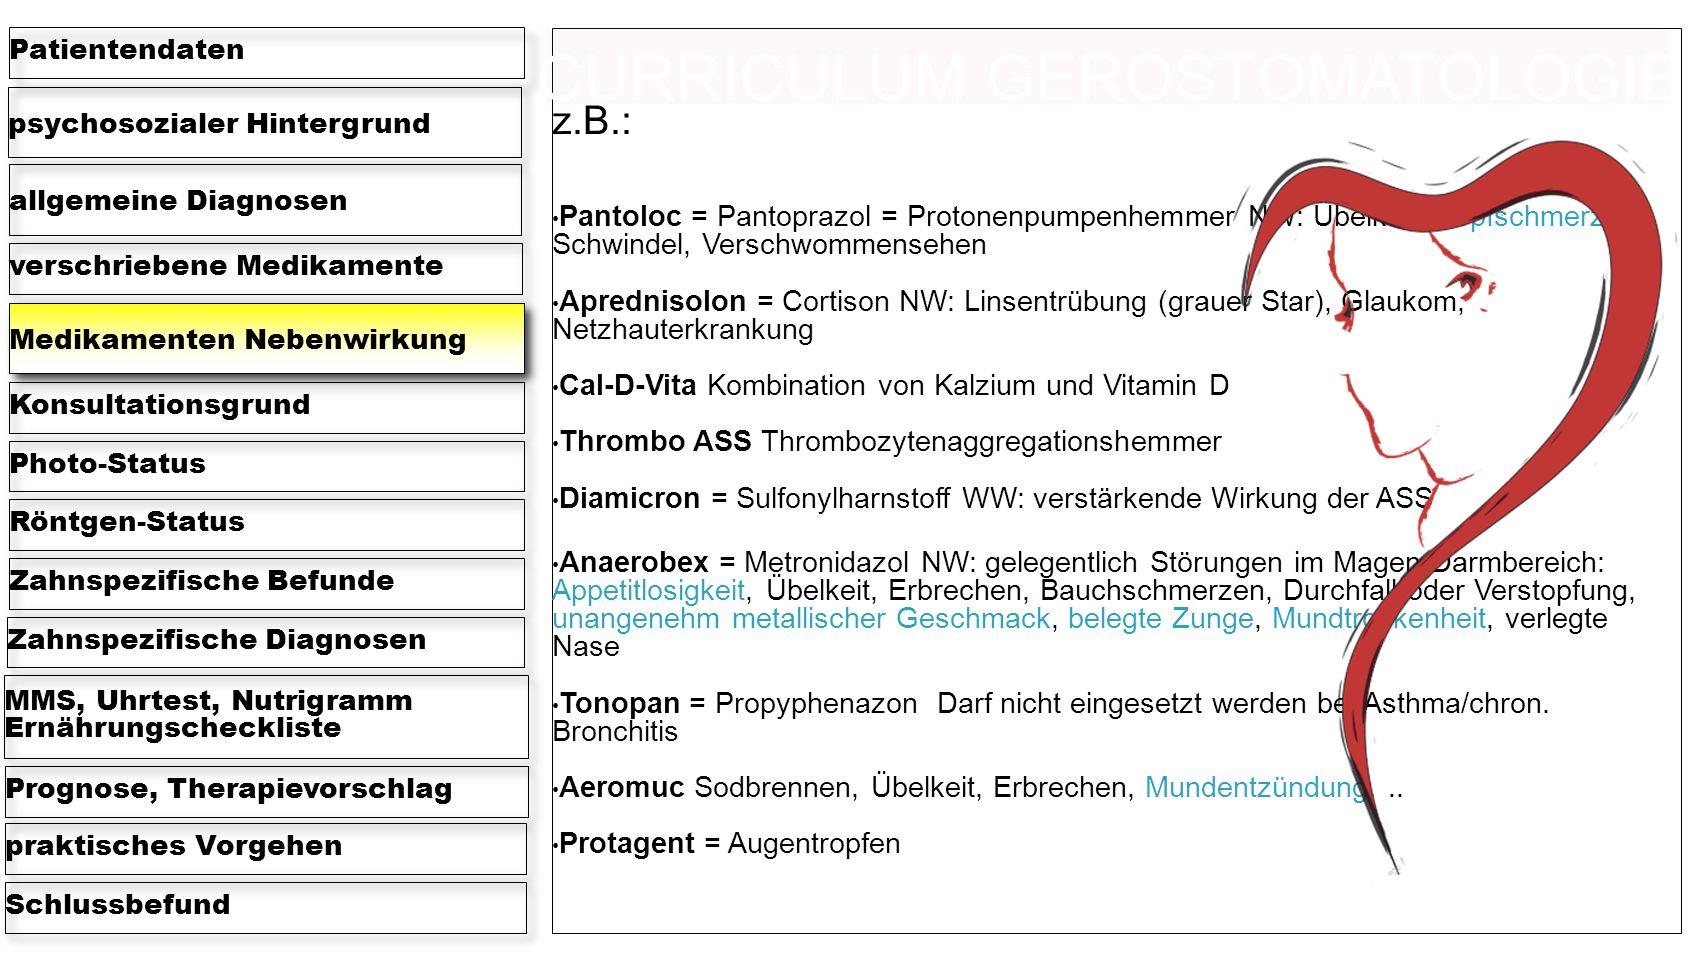 psychosozialer Hintergrund Patientendaten allgemeine Diagnosen verschriebene Medikamente Medikamenten Nebenwirkung KonsultationsgrundPhoto-StatusRöntgen-StatusZahnspezifische BefundeZahnspezifische Diagnosen MMS, Uhrtest, Nutrigramm Ernährungscheckliste Prognose, Therapievorschlagpraktisches VorgehenSchlussbefund z.B.: Pantoloc = Pantoprazol = Protonenpumpenhemmer NW: Übelkeit, Kopfschmerz, Schwindel, Verschwommensehen Aprednisolon = Cortison NW: Linsentrübung (grauer Star), Glaukom, Netzhauterkrankung Cal-D-Vita Kombination von Kalzium und Vitamin D Thrombo ASS Thrombozytenaggregationshemmer Diamicron = Sulfonylharnstoff WW: verstärkende Wirkung der ASS Anaerobex = Metronidazol NW: gelegentlich Störungen im Magen-Darmbereich: Appetitlosigkeit, Übelkeit, Erbrechen, Bauchschmerzen, Durchfall oder Verstopfung, unangenehm metallischer Geschmack, belegte Zunge, Mundtrockenheit, verlegte Nase Tonopan = Propyphenazon Darf nicht eingesetzt werden bei Asthma/chron.